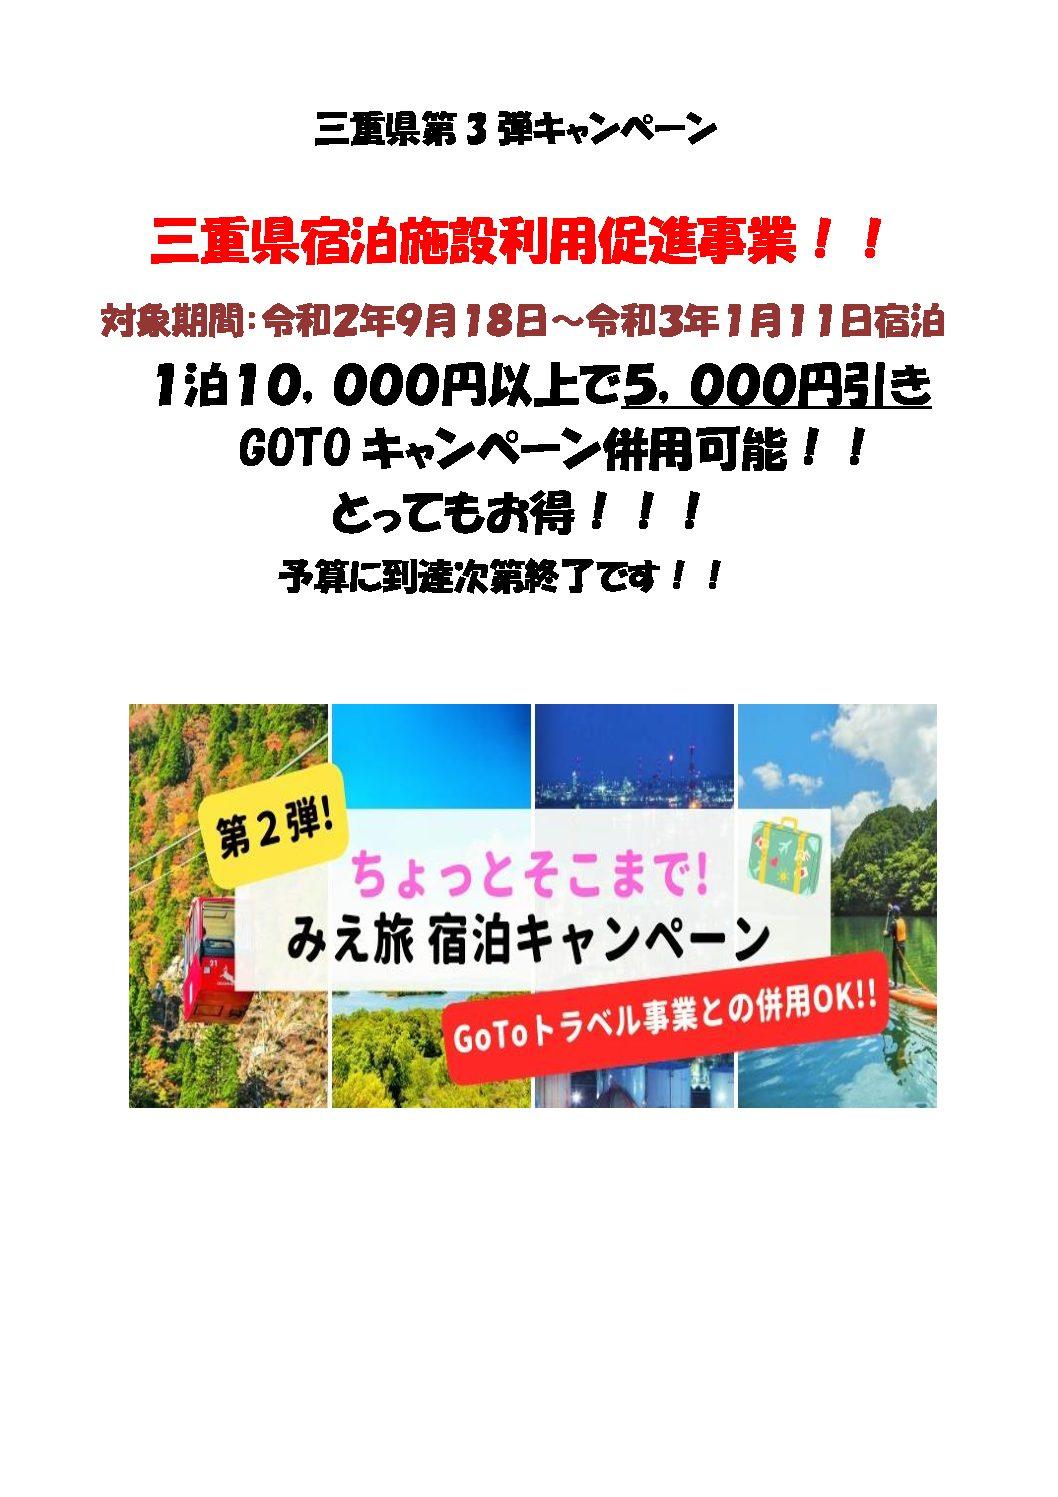 ~みえ旅キャンペーン第3弾~【9/15(火)スタート】